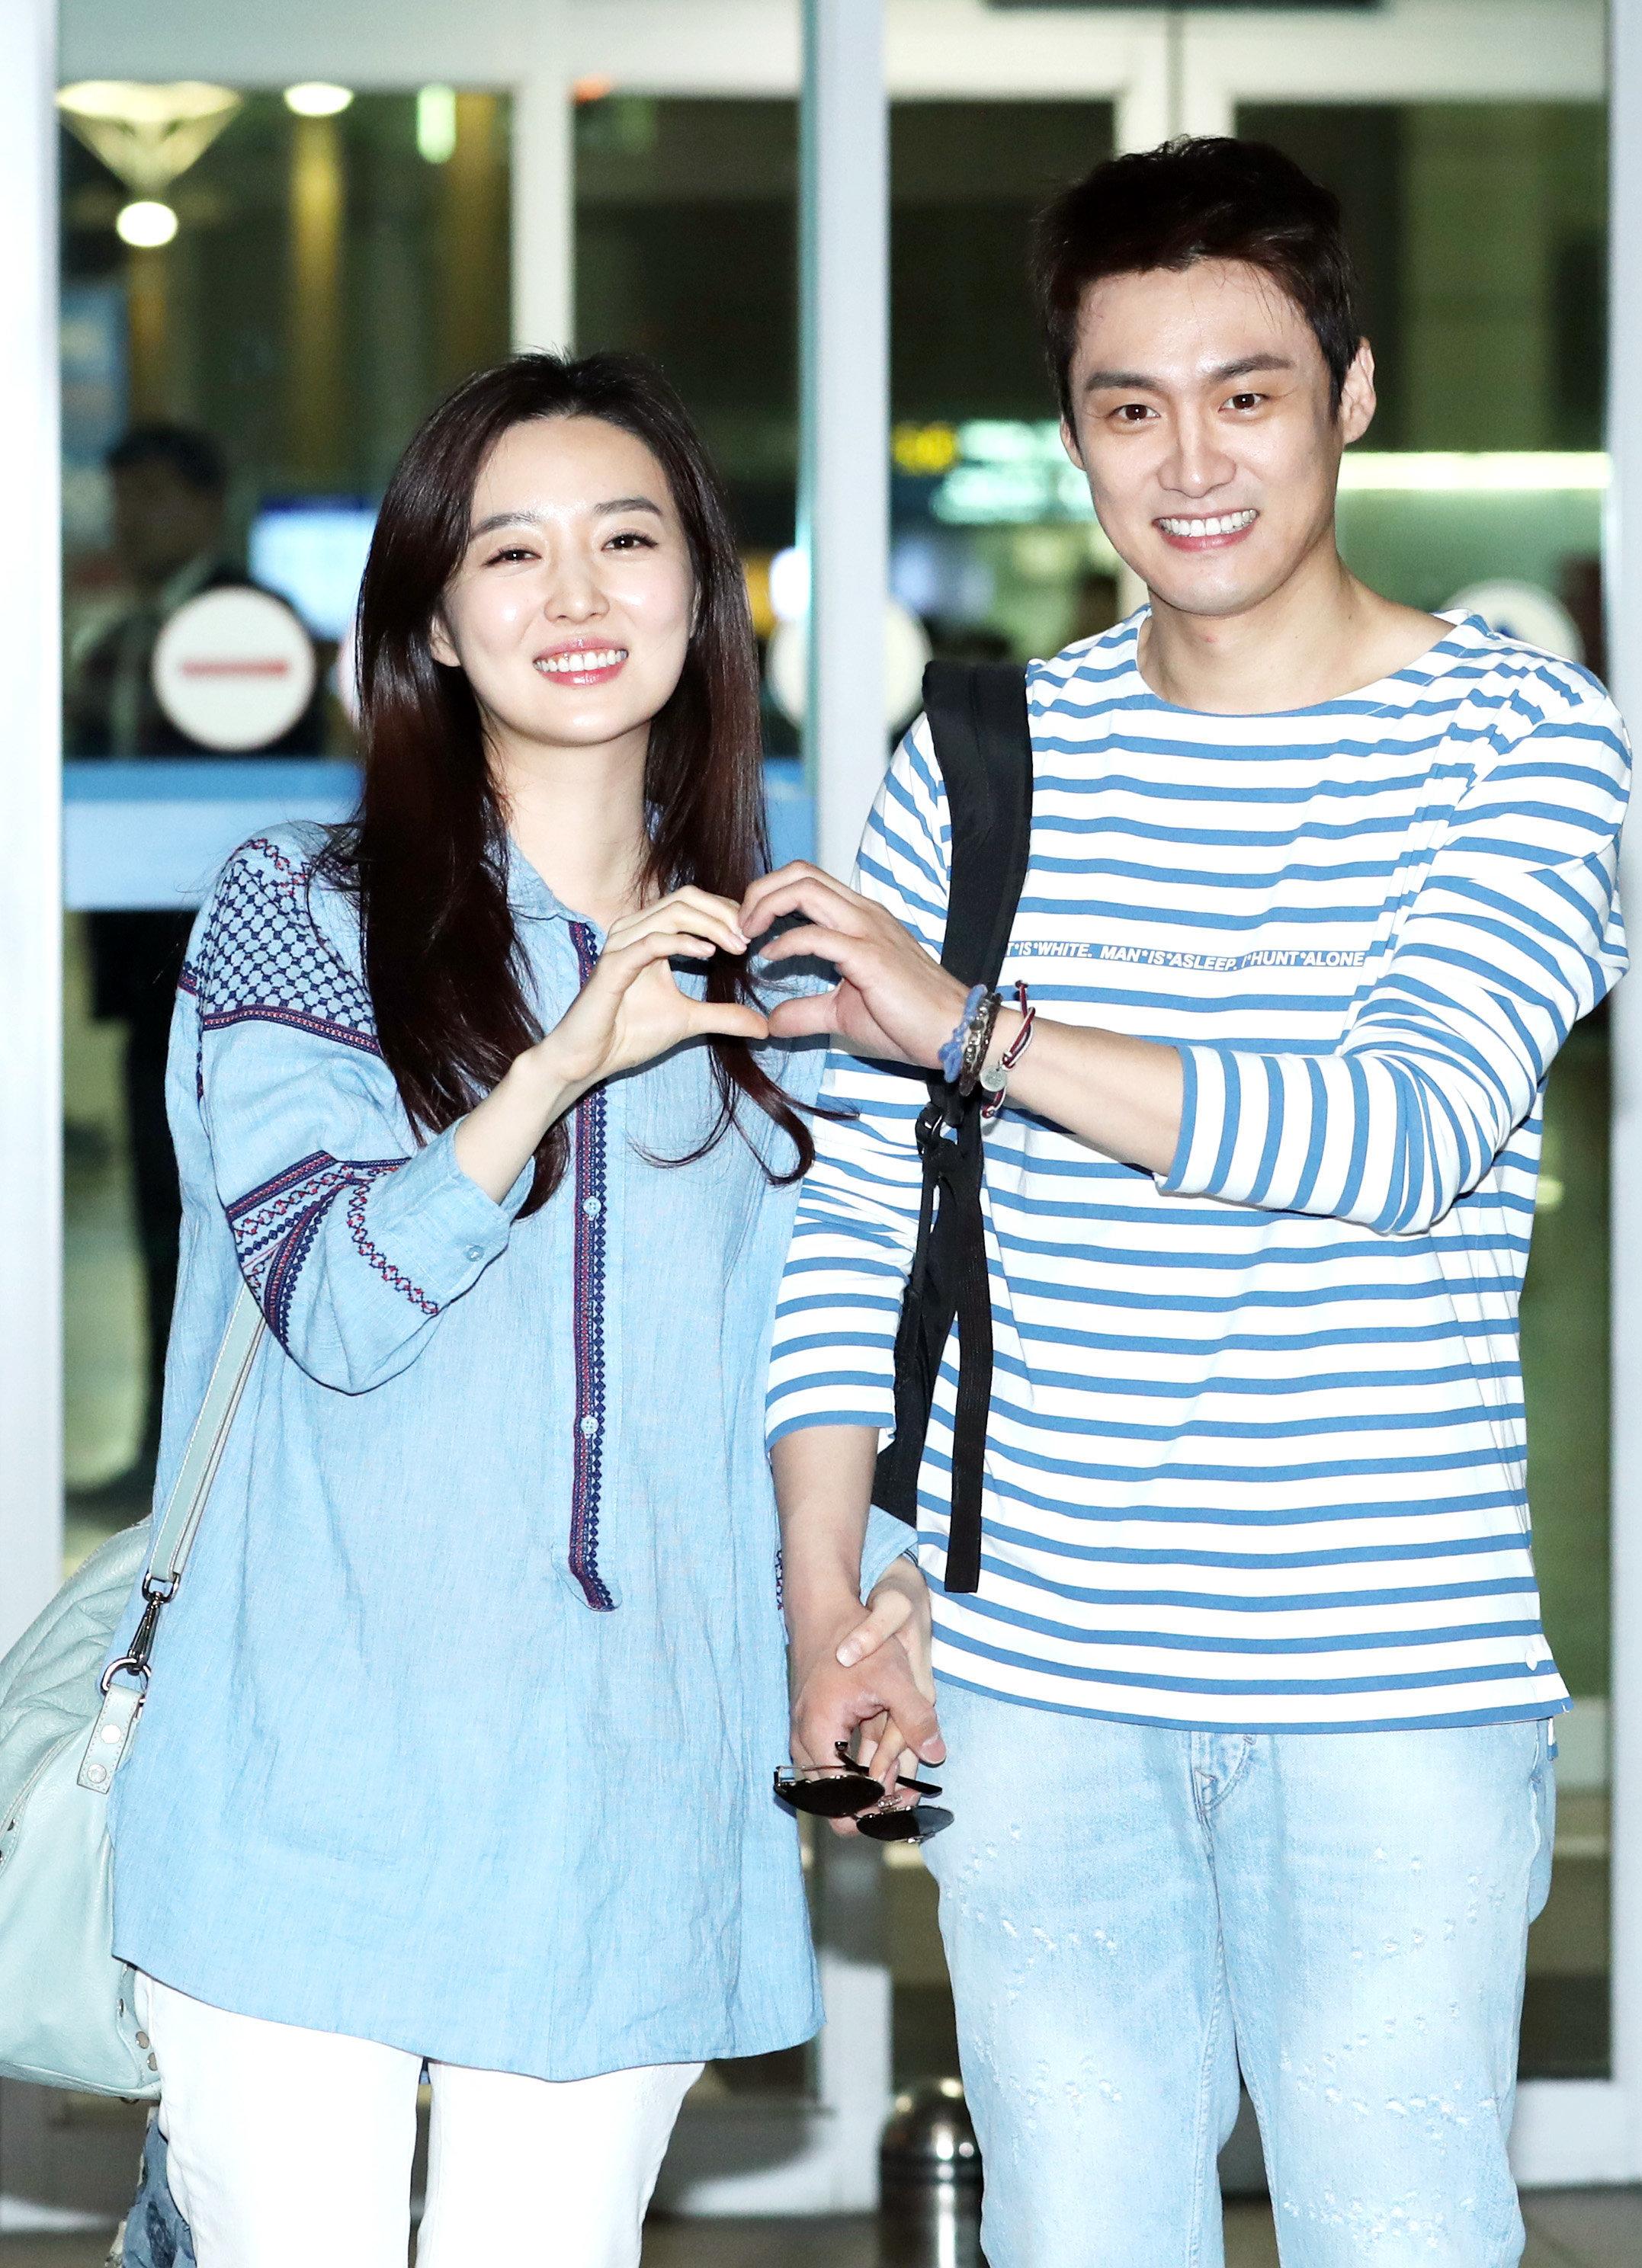 '임신을 축복으로 여기지 못하는 여성'들에 대한 김소영 전 아나운서의 글에 공감이 이어지고